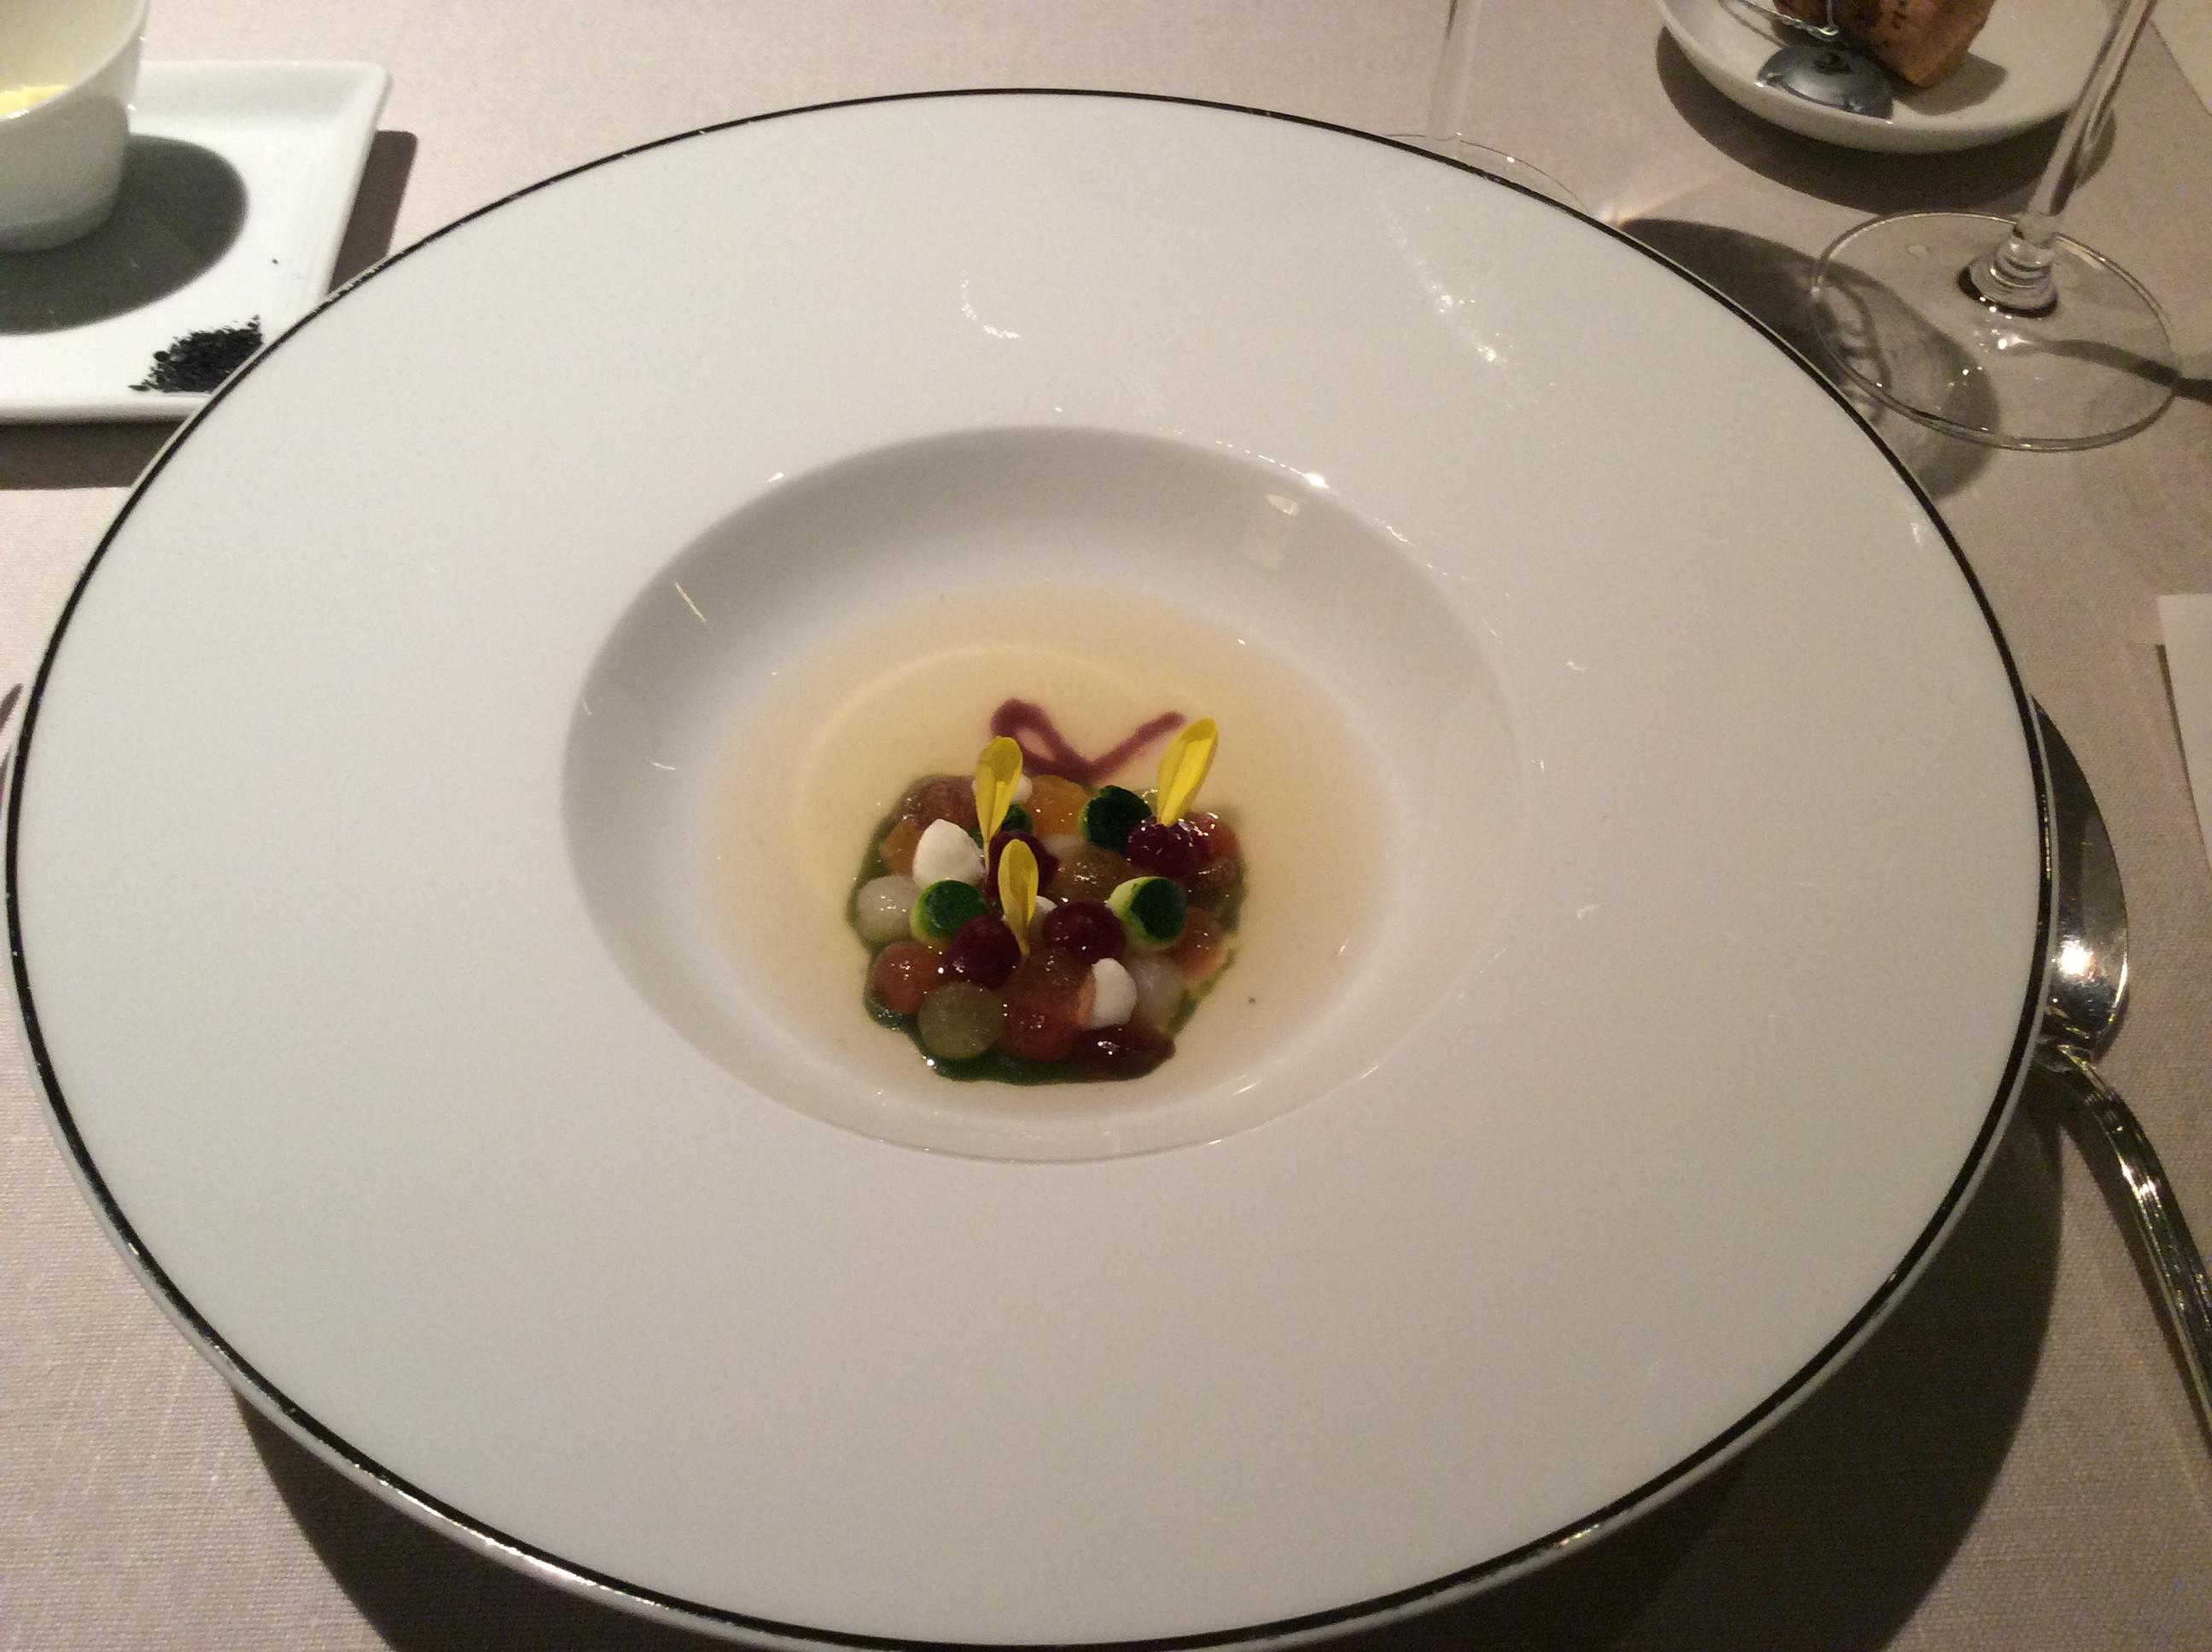 http://gourmet-italian.com/540.JPG